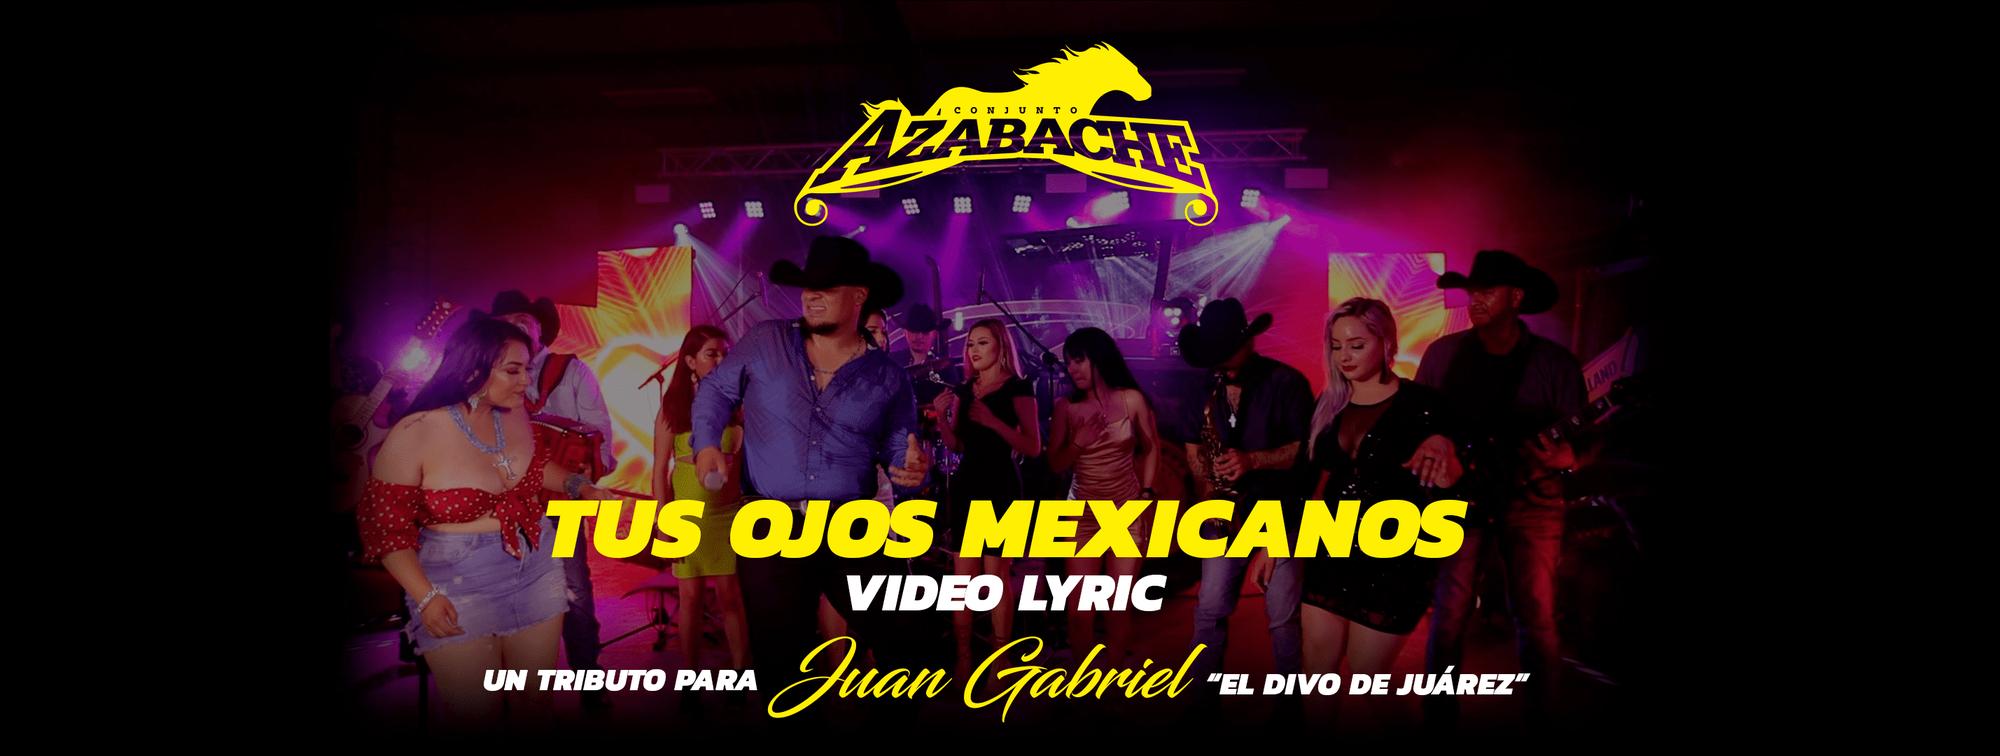 """El Único y Original Norteño Romántico CONJUNTO AZABACHE rinde homenaje al Divo de Juárez con su Video Lyric """"Tus Ojos Mexicanos"""" Live Session"""